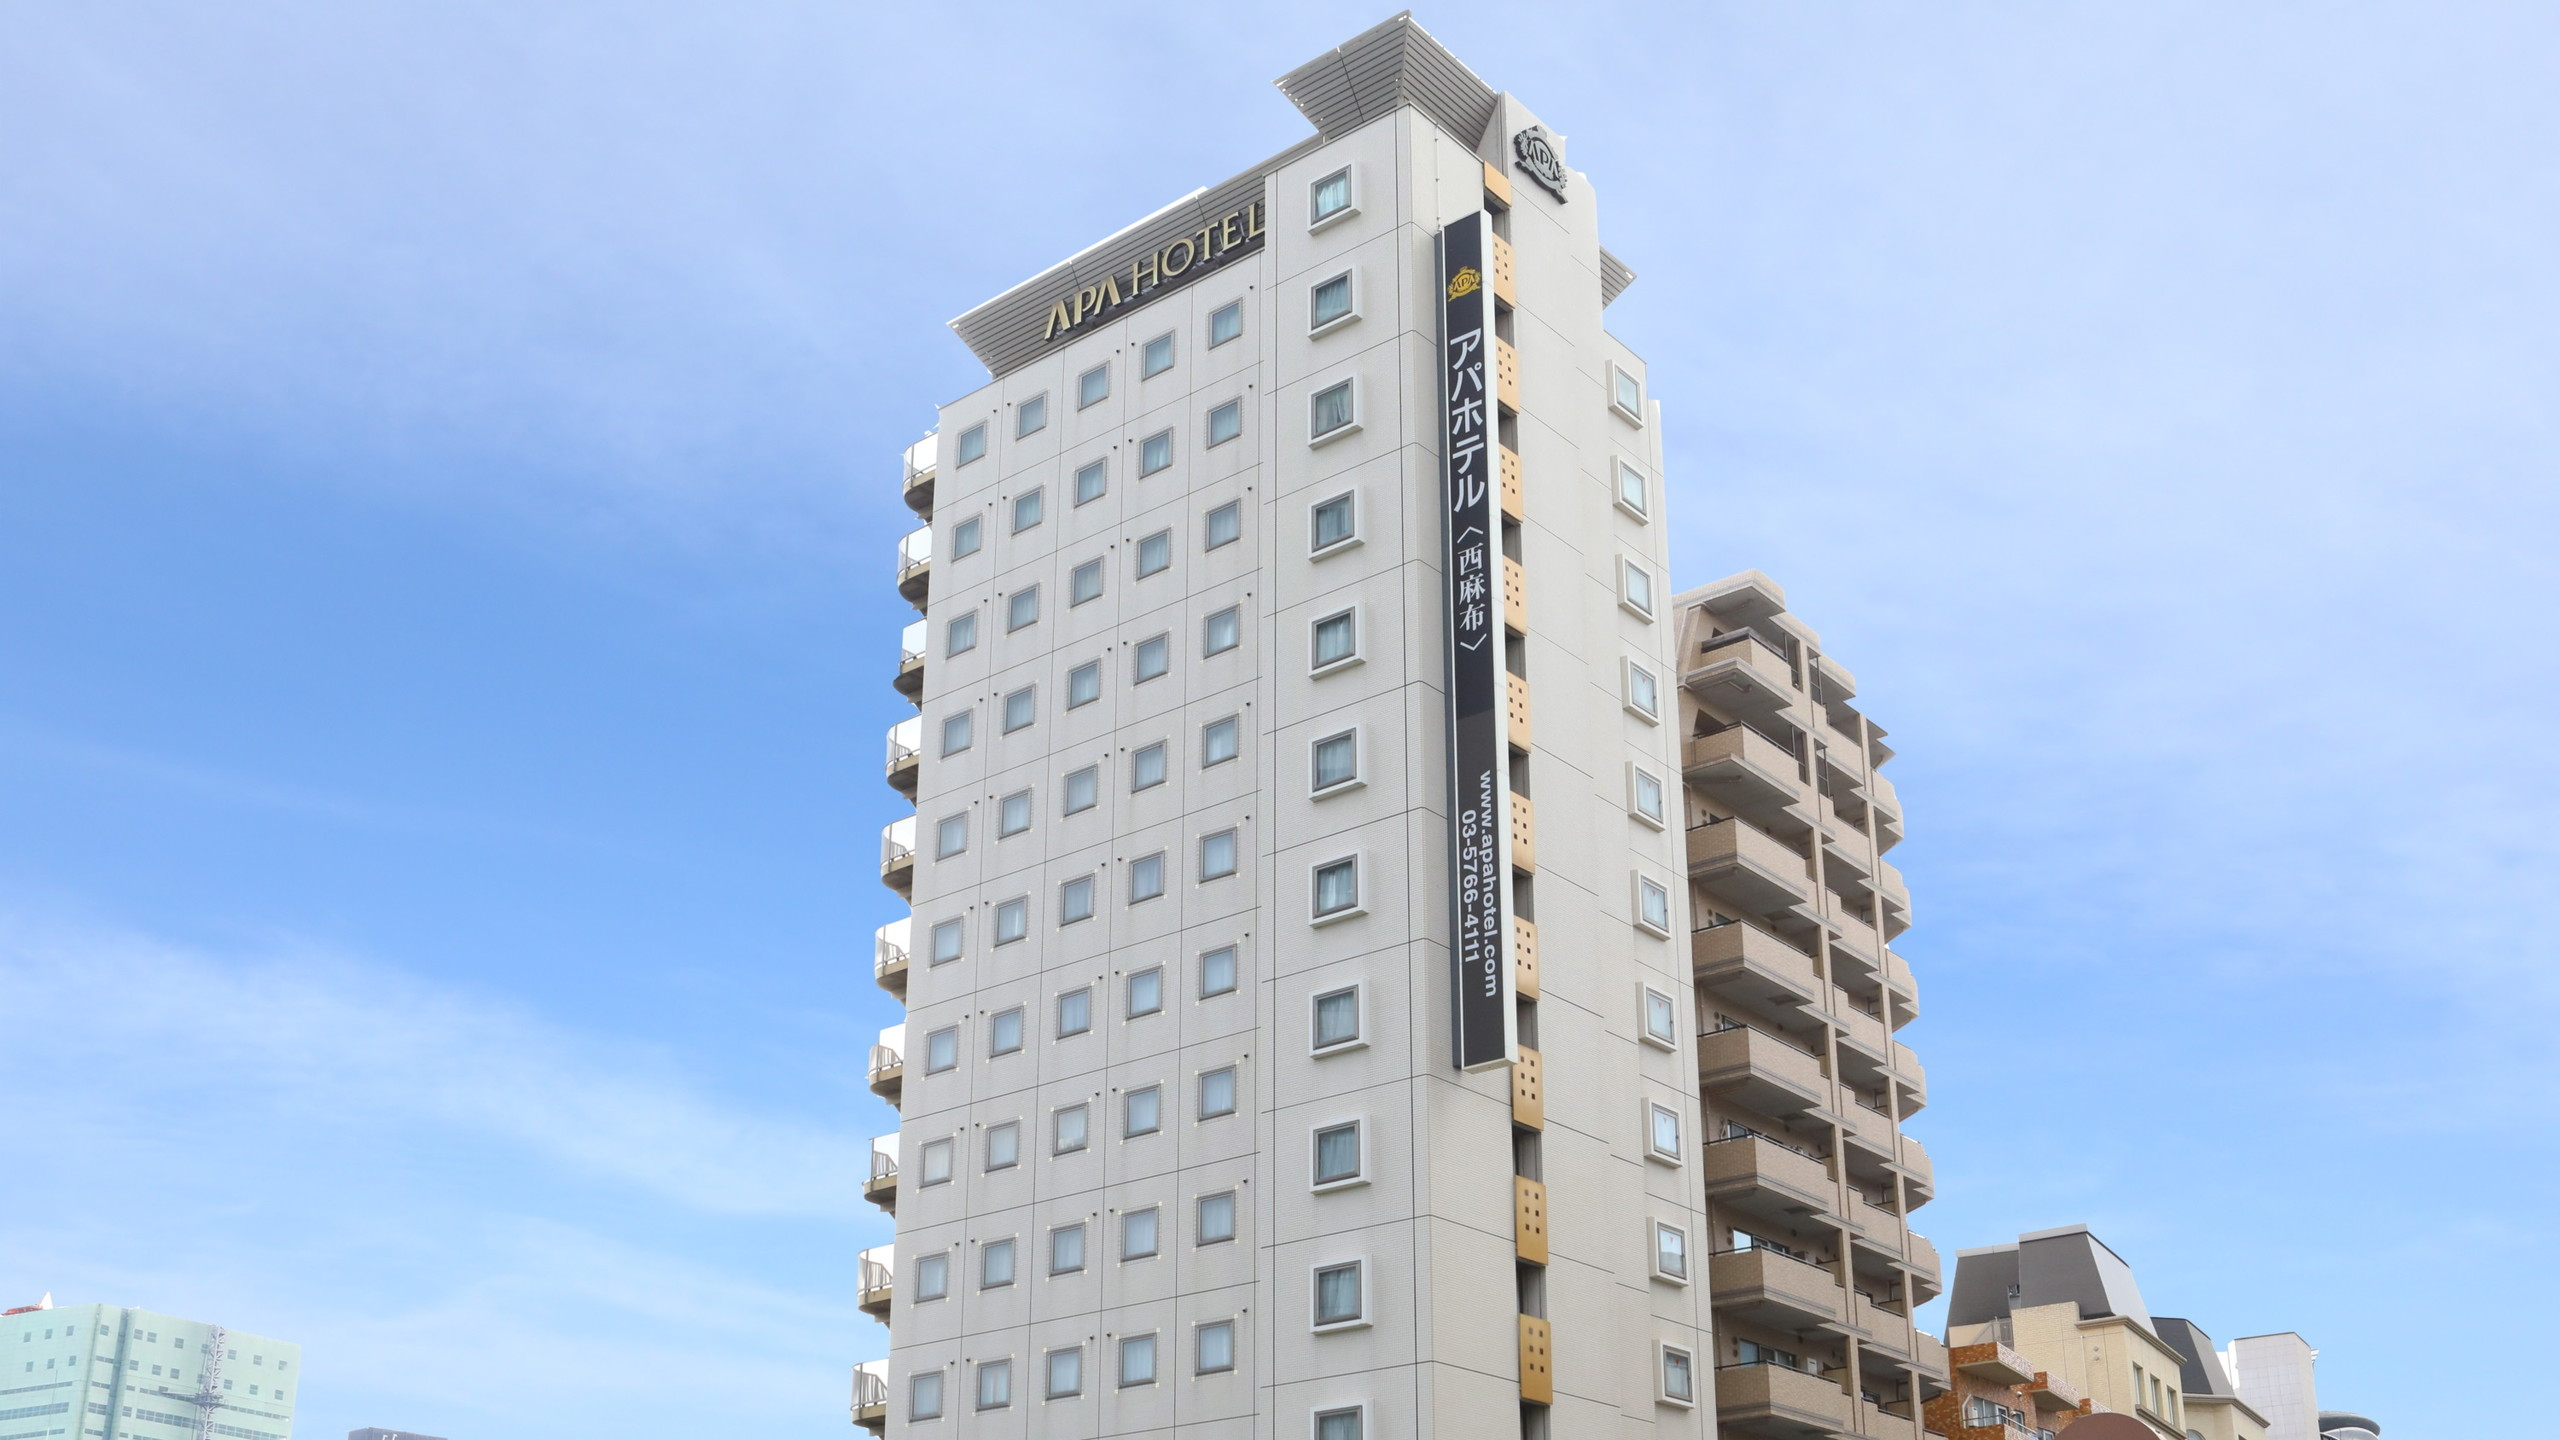 APA Hotel (Nishiazabu)